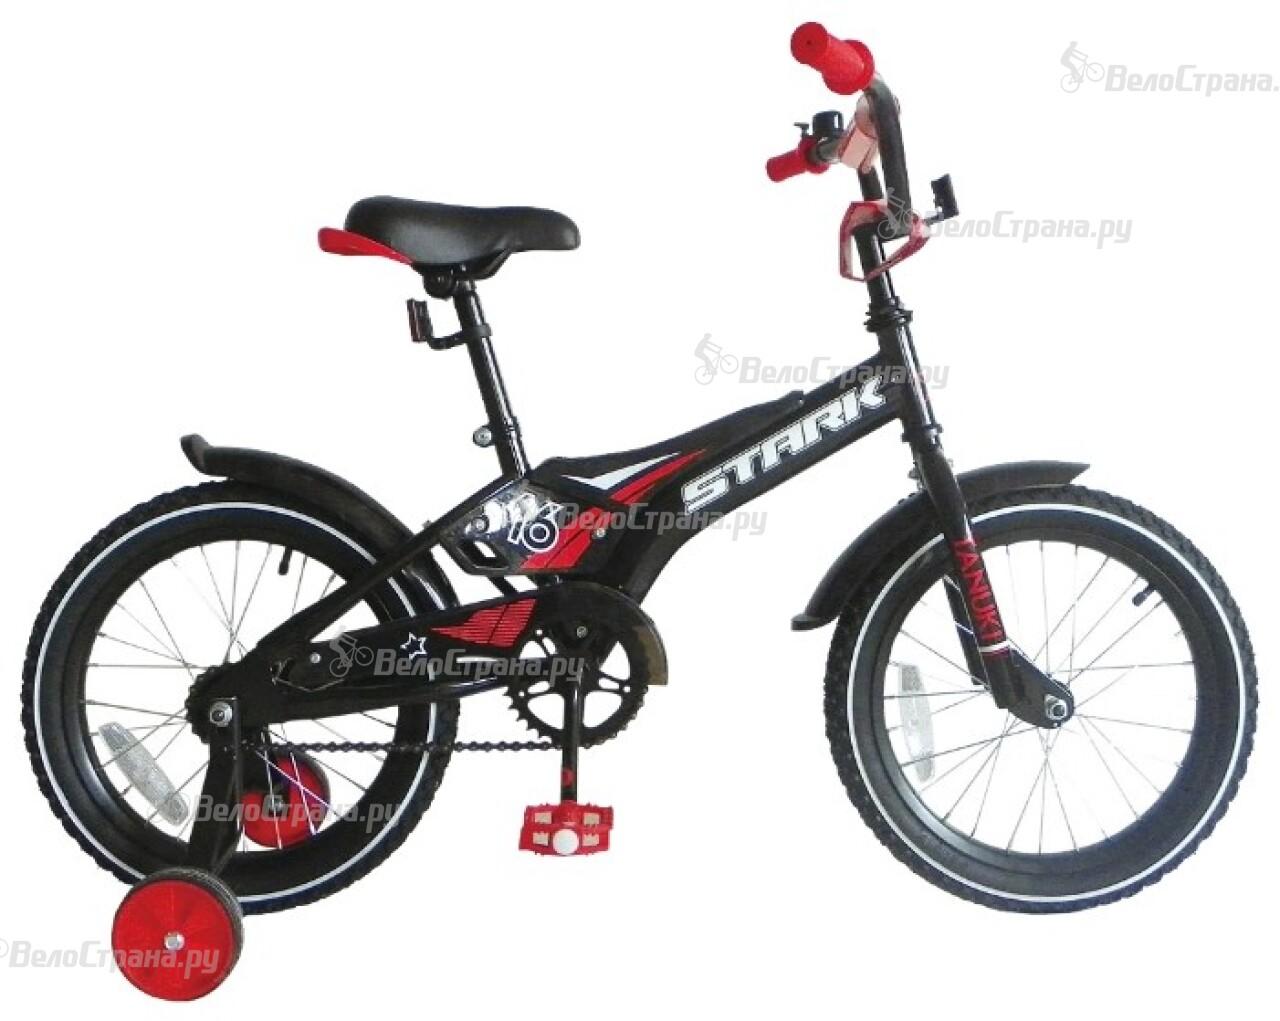 Велосипед Stark Tanuki 16 Boy (2015) велосипед stark tanuki 14 boy 2017